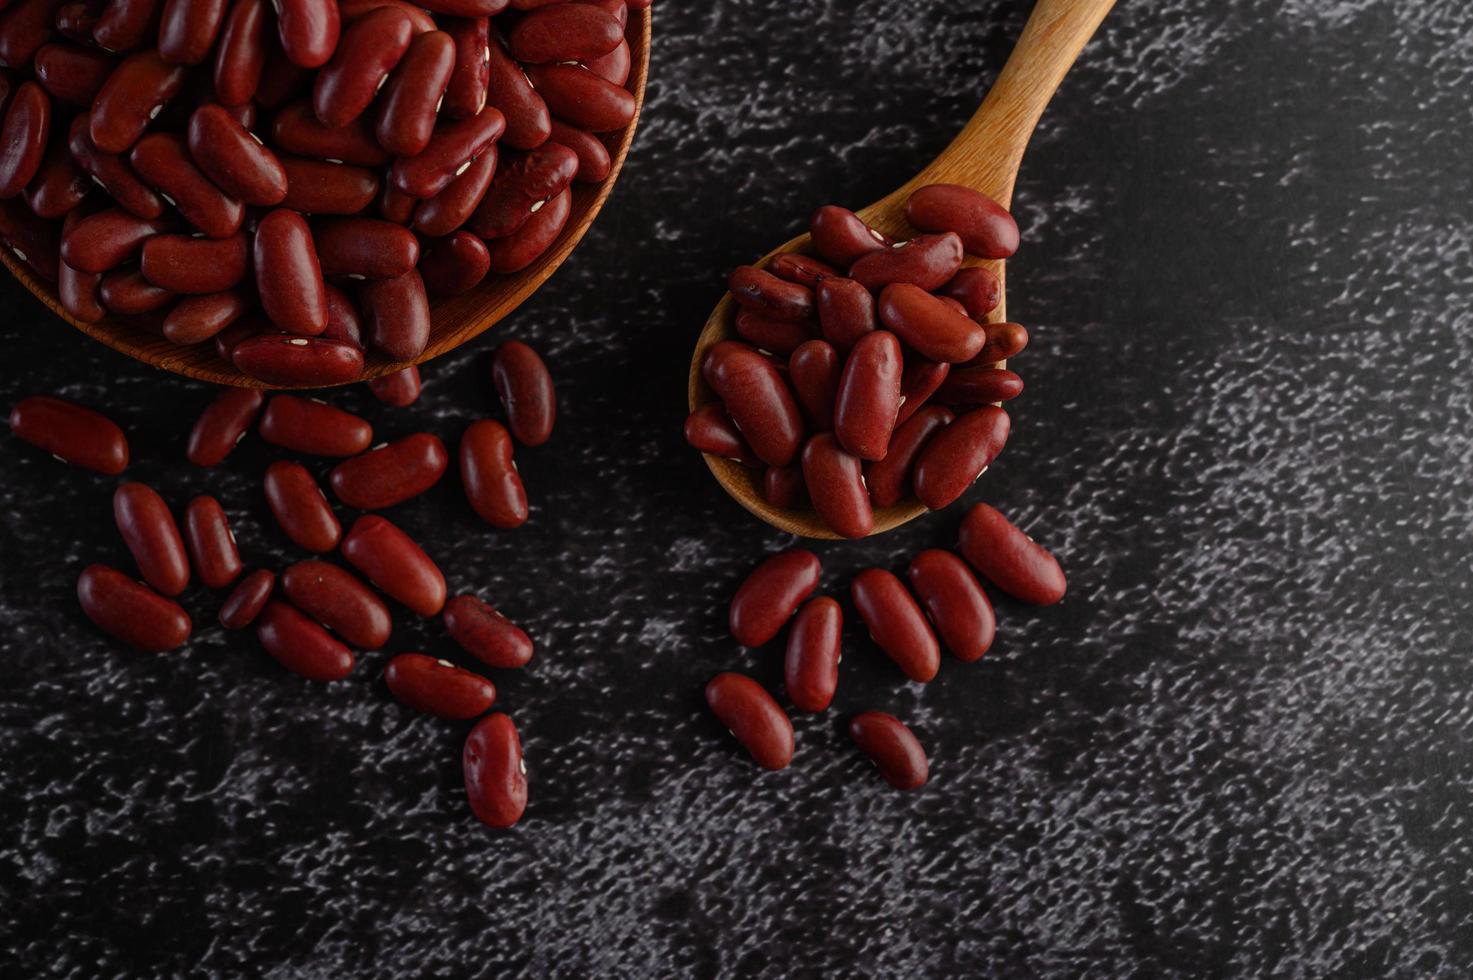 Frijoles rojos en tazones de madera sobre la superficie de la cocina negra foto